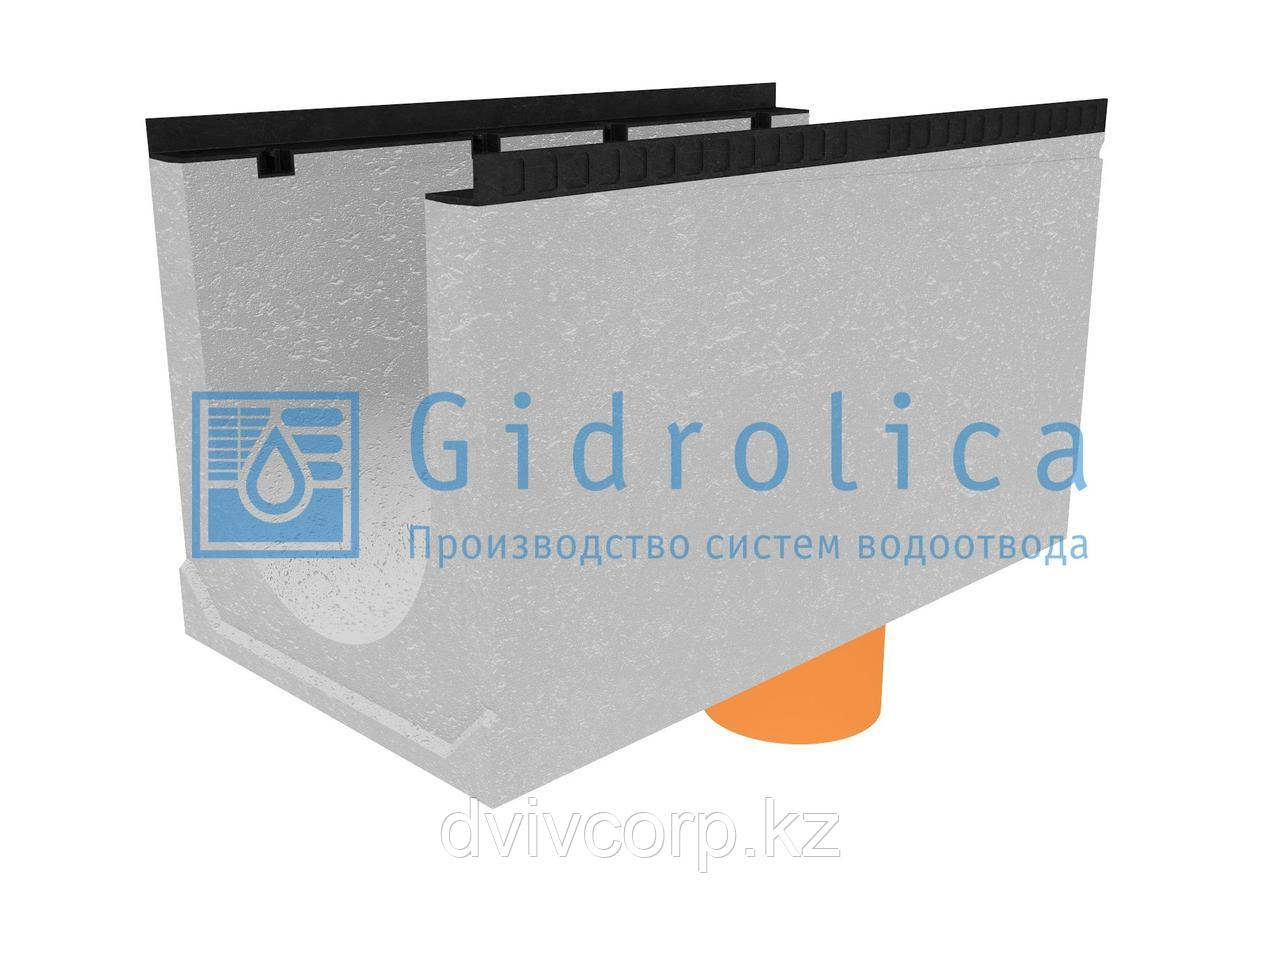 Лоток водоотводный бетонный коробчатый (СО-400мм), с водосливом КUв 100.54(40).57,5(49,5) - BGМ, № 25-0